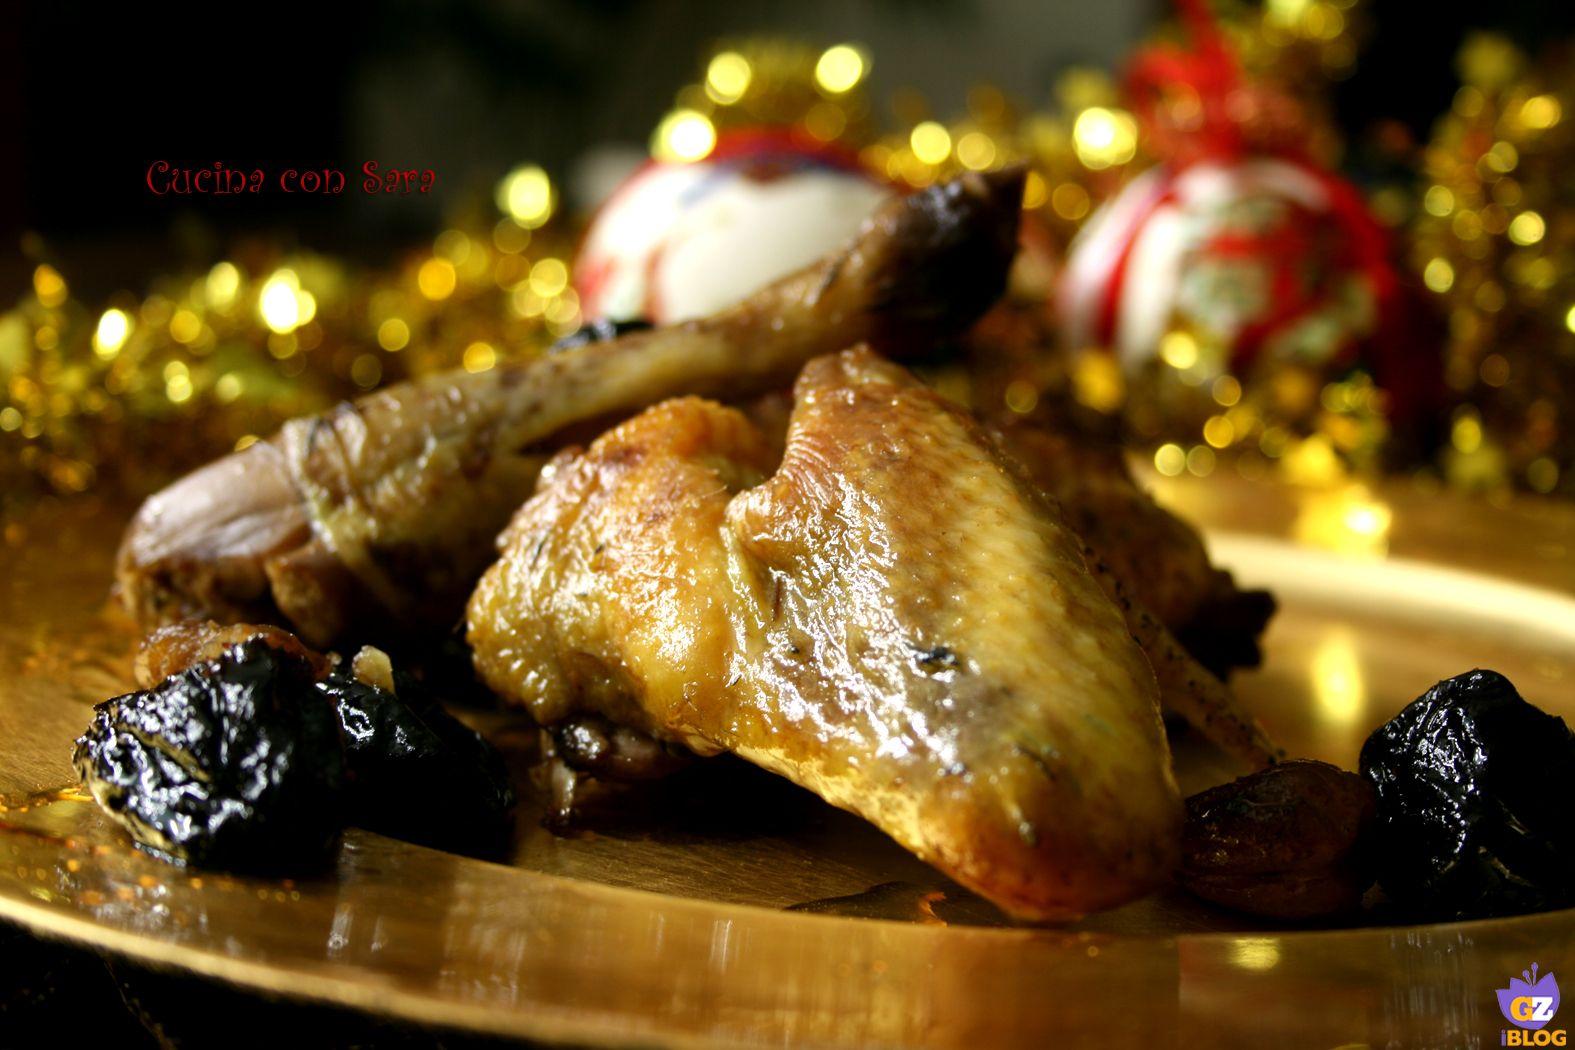 Ricetta faraona con prugne e castagne. Ricetta qui: http://blog.giallozafferano.it/cucinaconsara/ricetta-faraona-con-prugne-e-castagne/